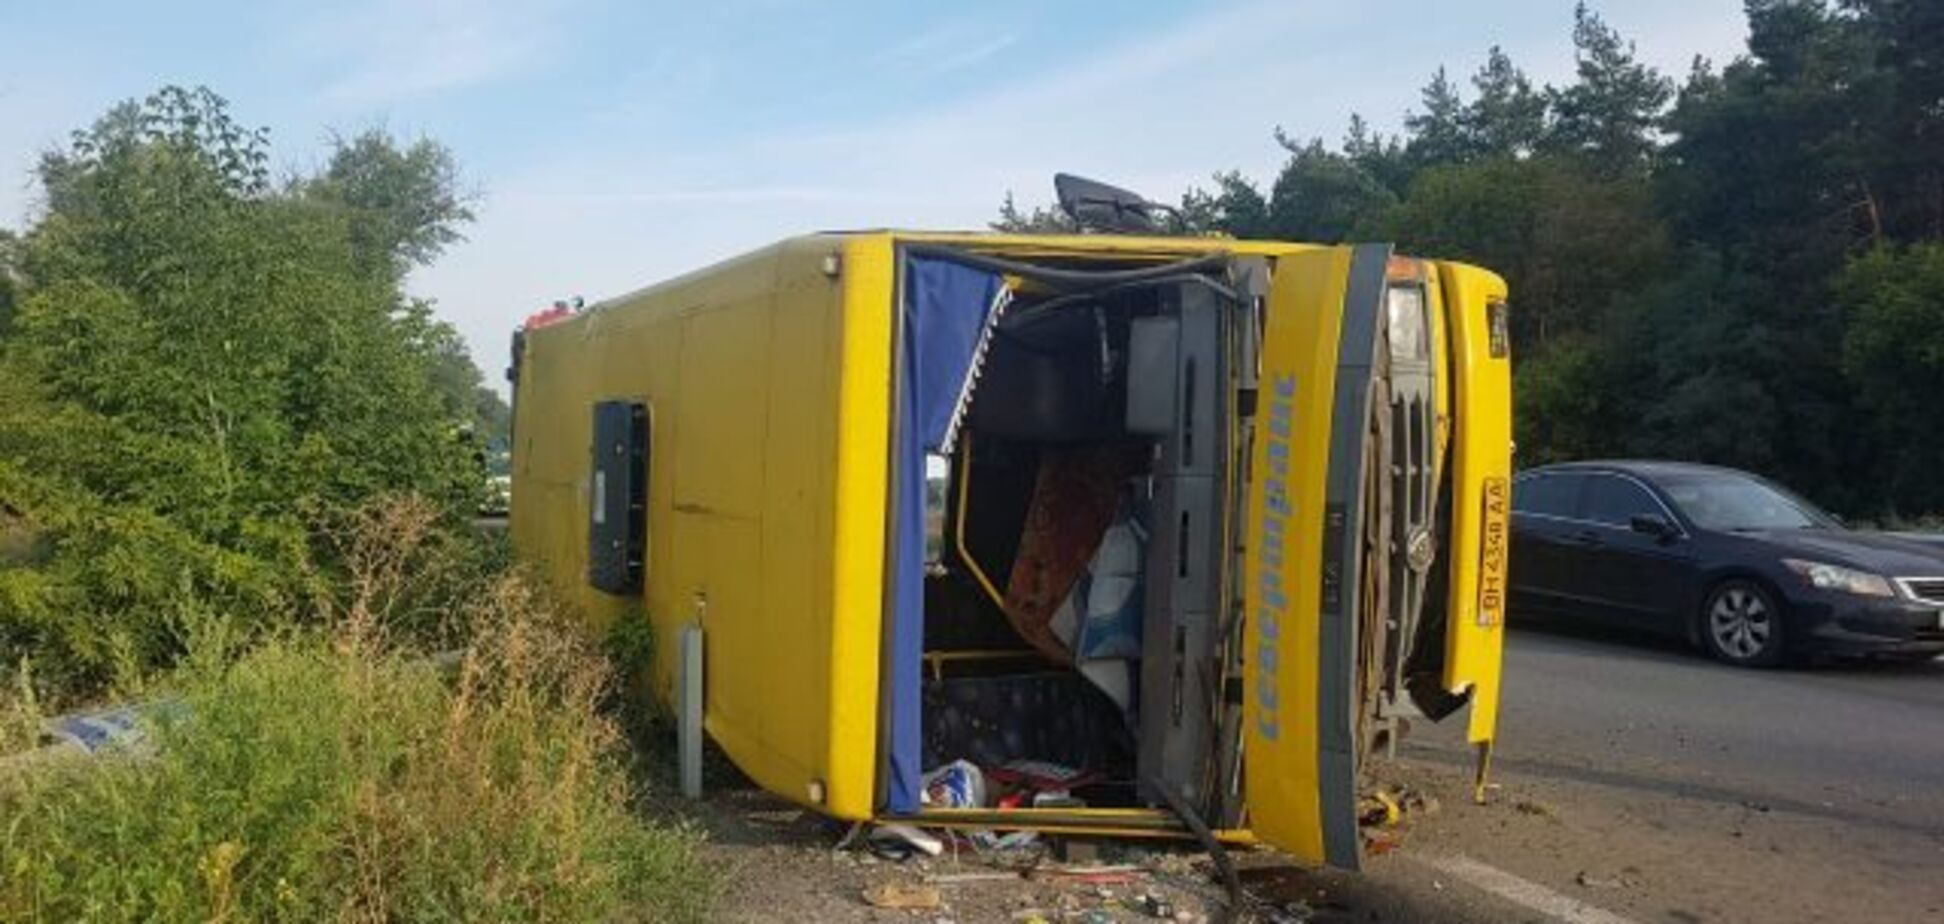 Під Дніпром розбилася маршрутка з пасажирами: фото і відео з місця ДТП